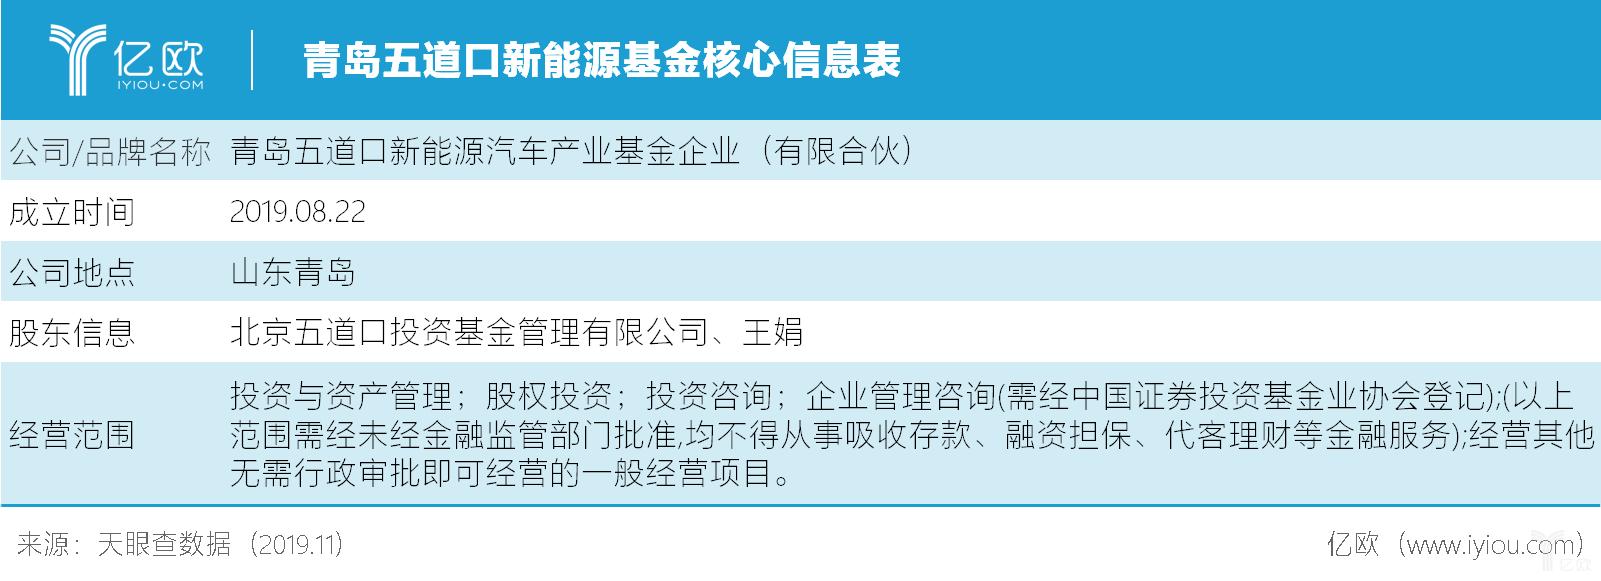 青岛五道口新能源基金中央新闻